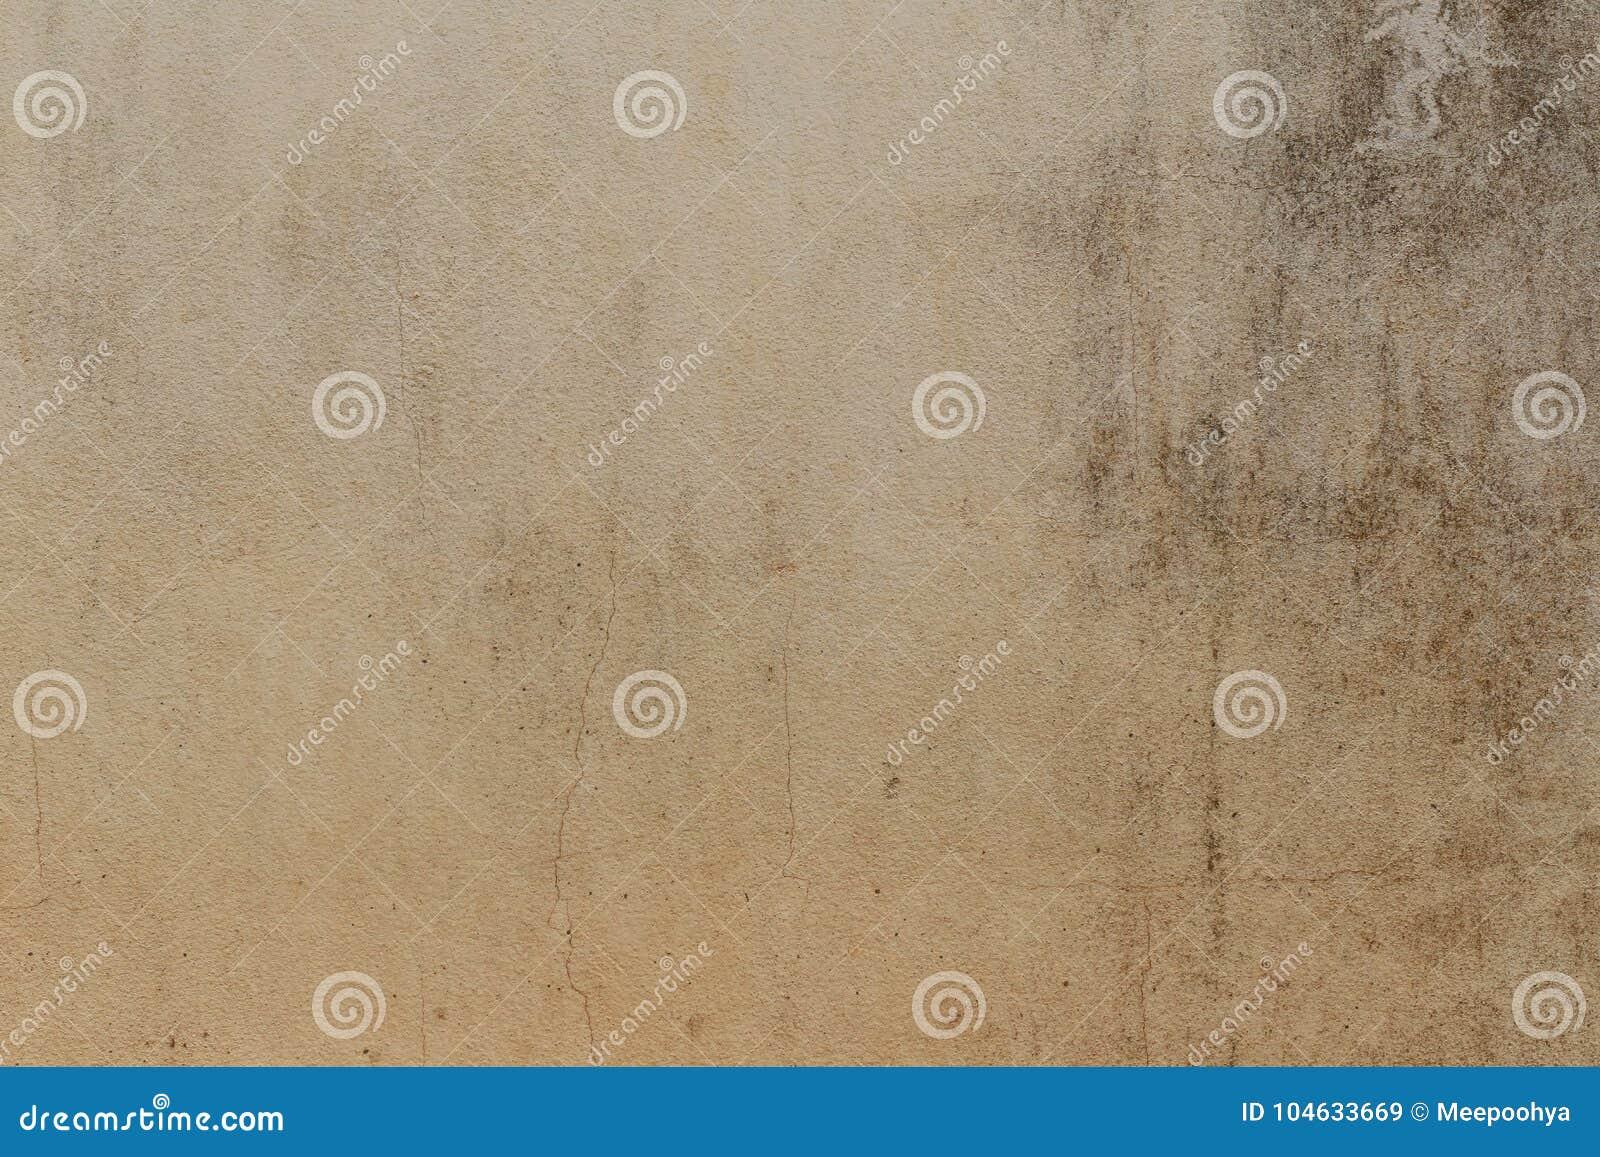 Download Oppervlakte Van Oud Doorstaan Beton Stock Afbeelding - Afbeelding bestaande uit structuur, concreet: 104633669